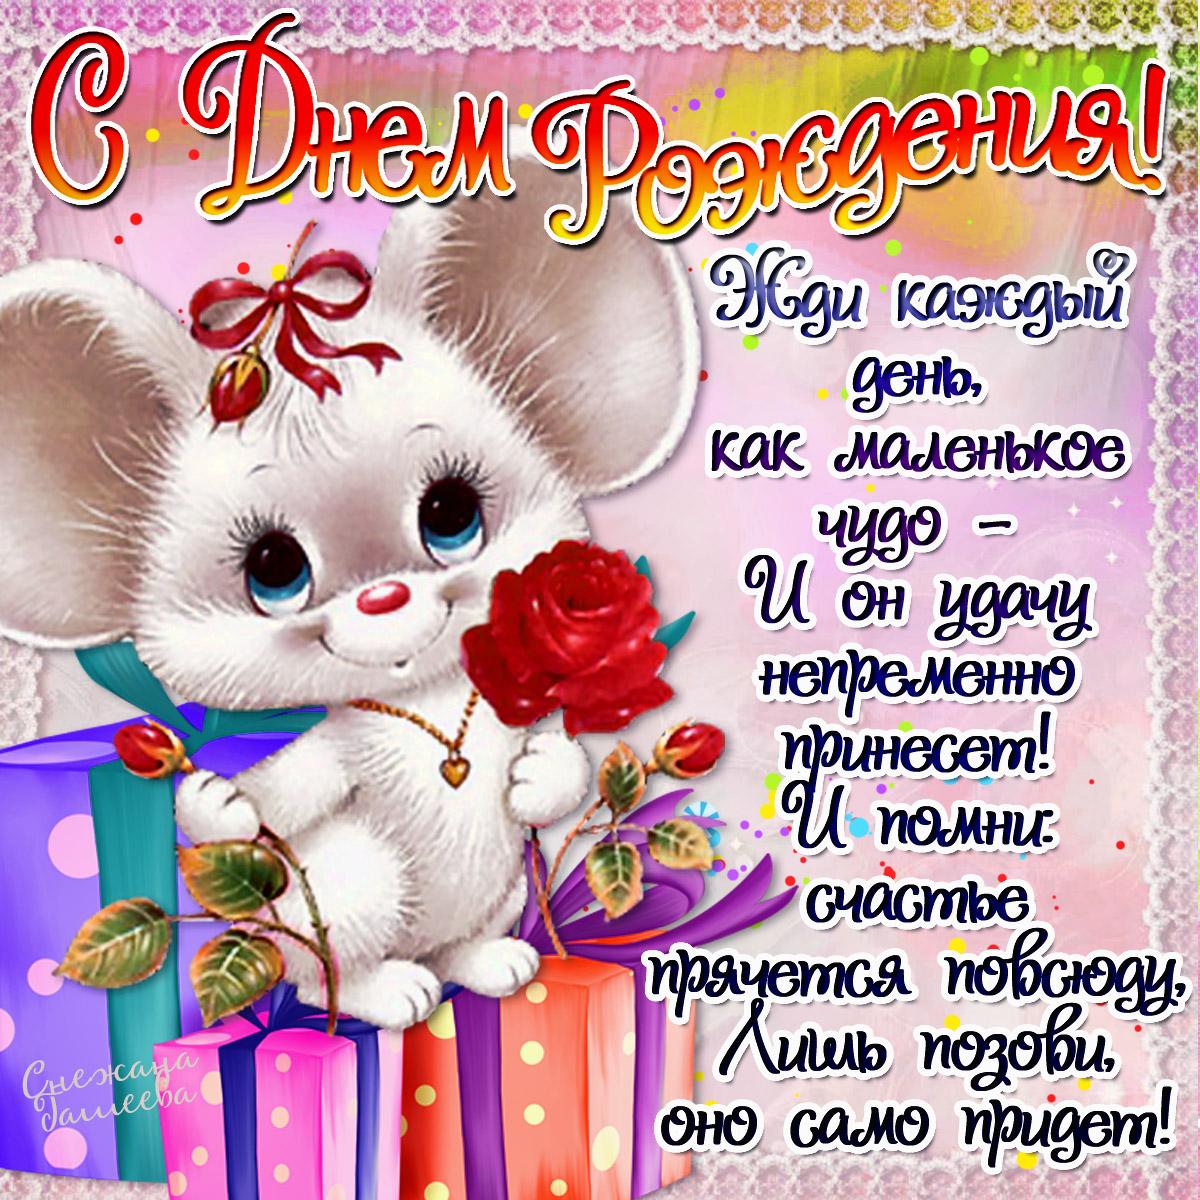 Поздравление с днём рождения в открытках девочке 3